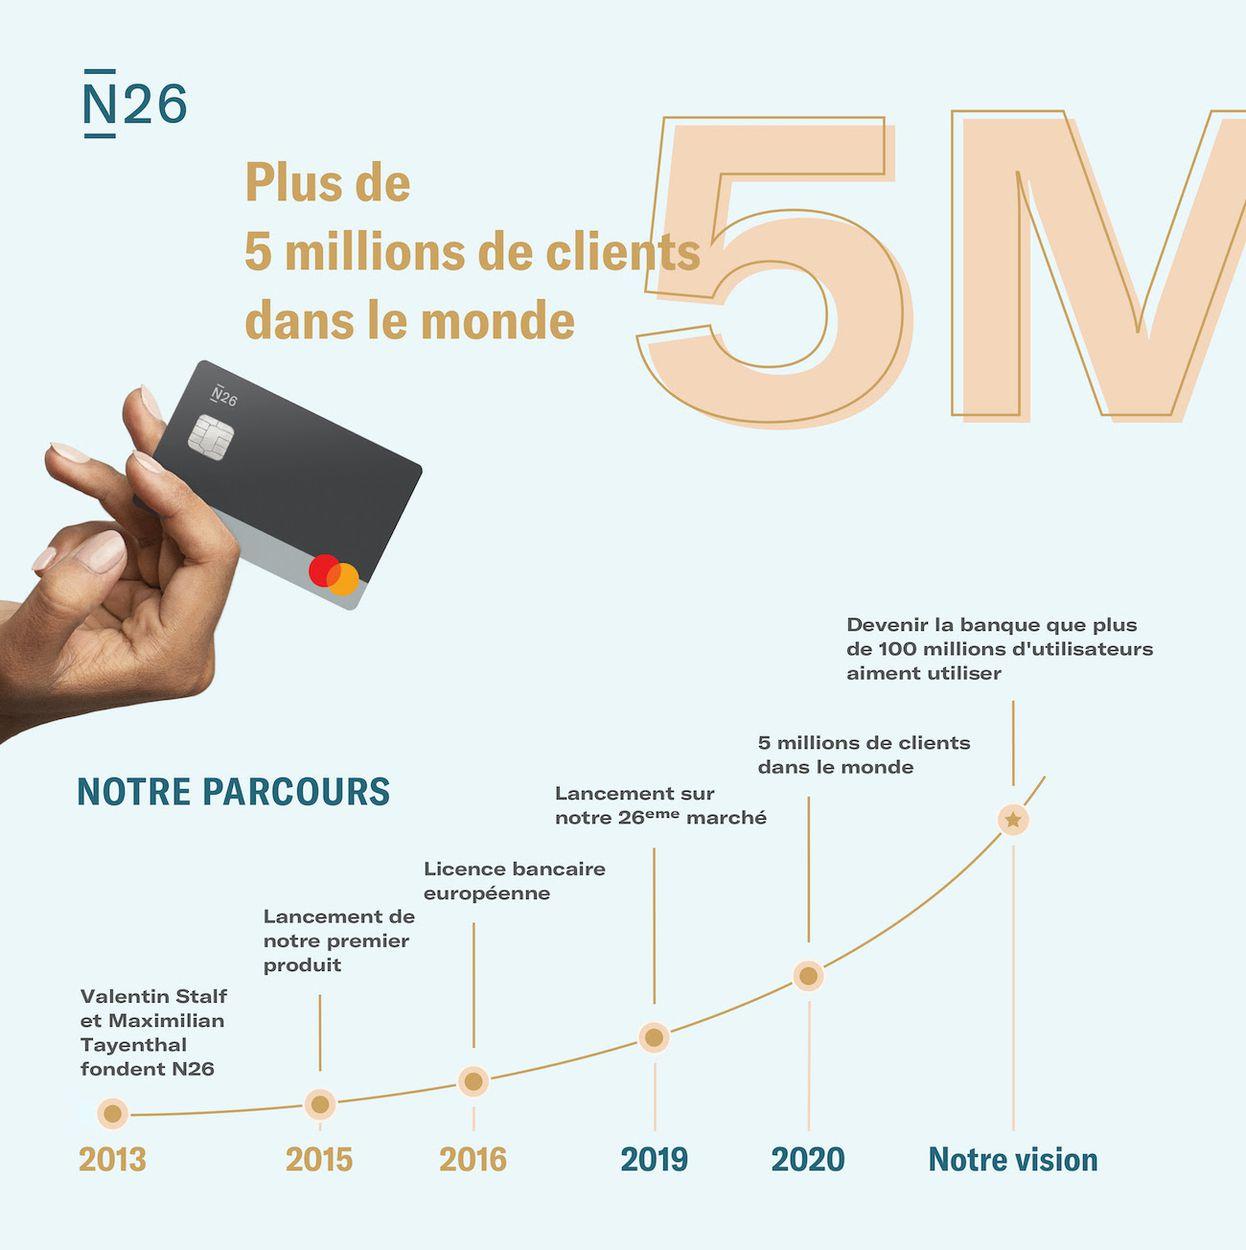 N26 5 millions de clients